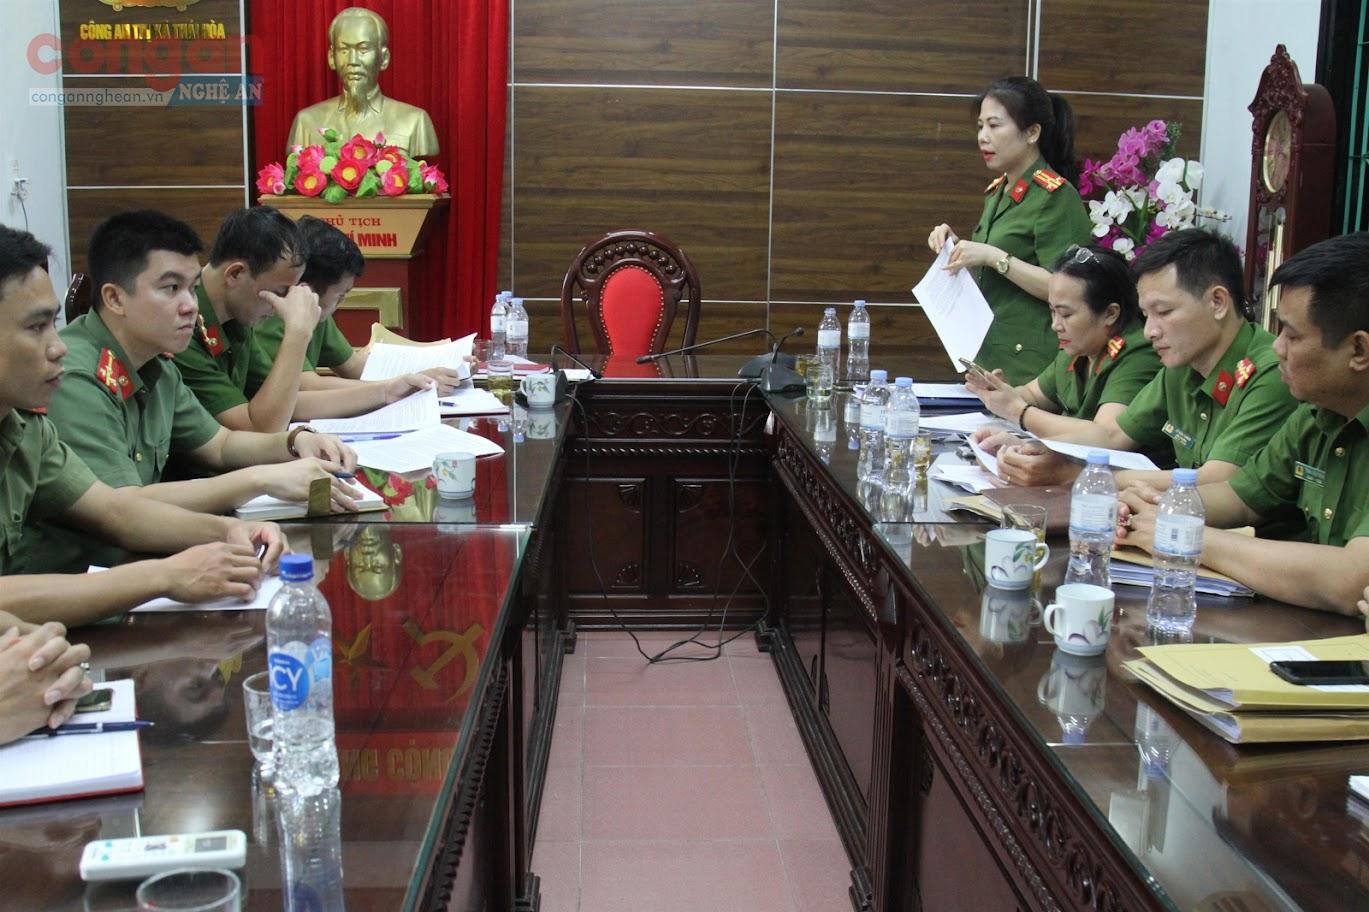 Đoàn công tác của Công an tỉnh Nghệ An làm việc với Công an TX Thái Hòa              về công tác tổng kiểm tra, vận động toàn dân giao nộp và đấu tranh                   với tội phạm, vi phạm pháp luật về VK, VLN, CCHT